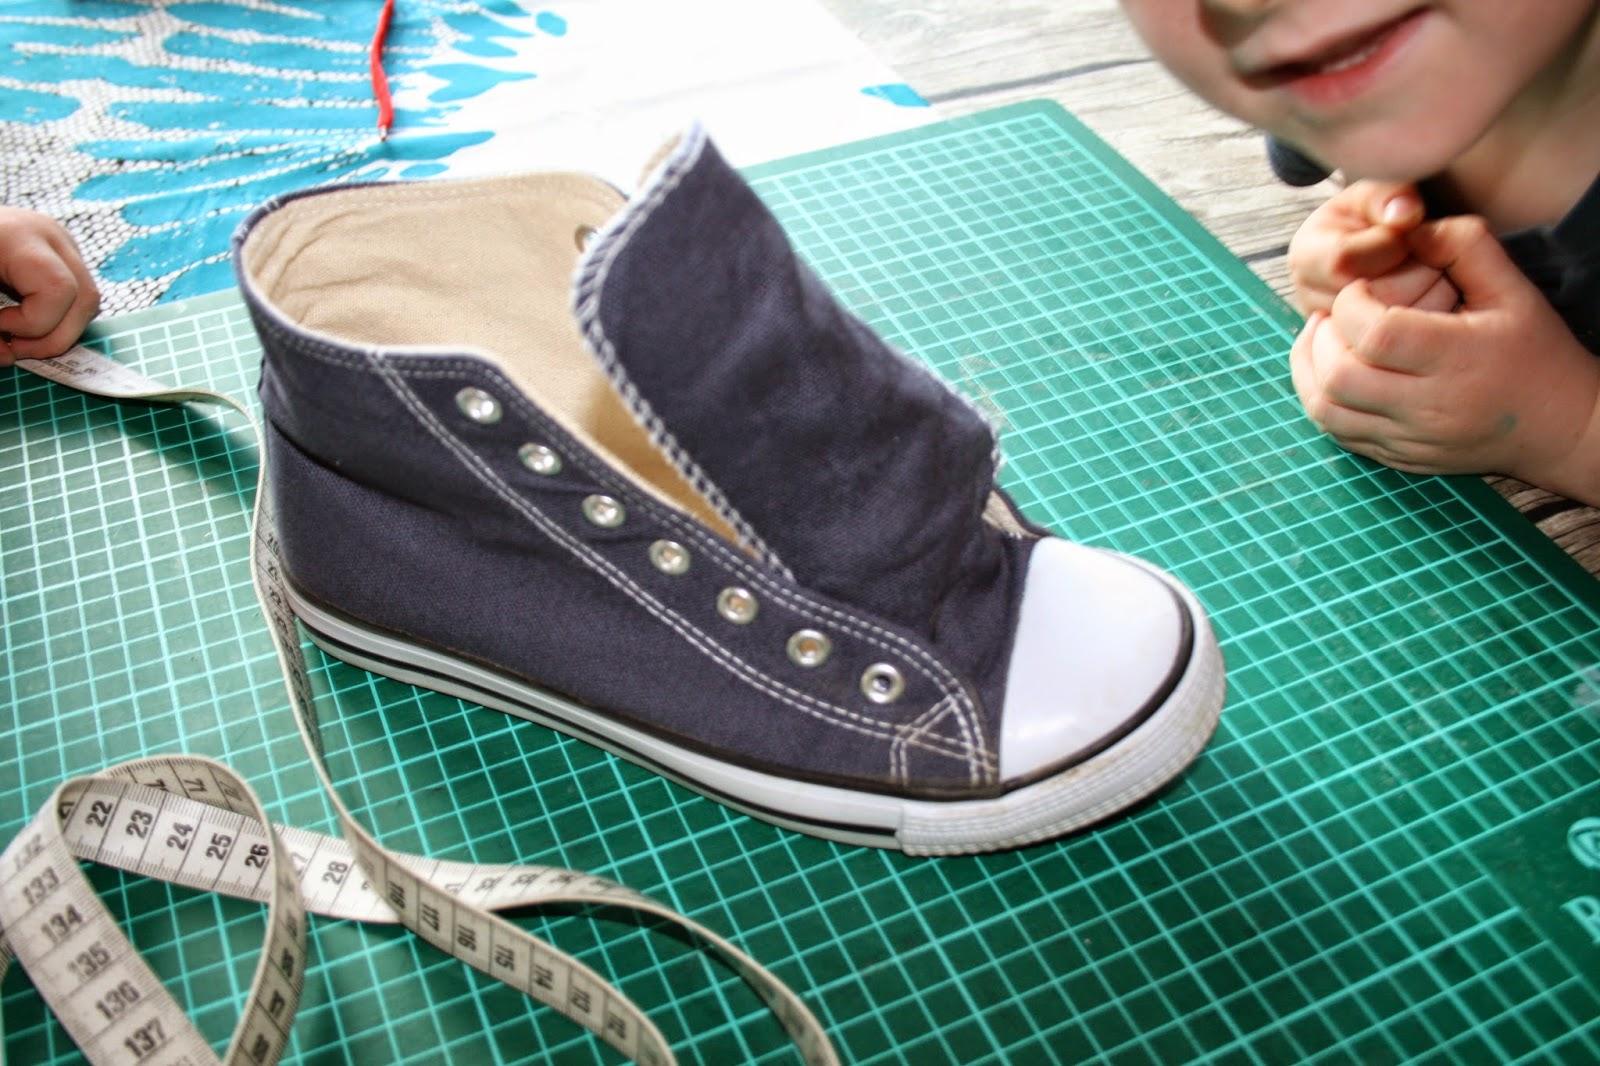 7028ec5639f0 1 Paar Canvas Schuhe Schere 1 Blatt Papier  Stift Baumwollstoff Maßband  Textilkleber Nähmaschine und los geht s